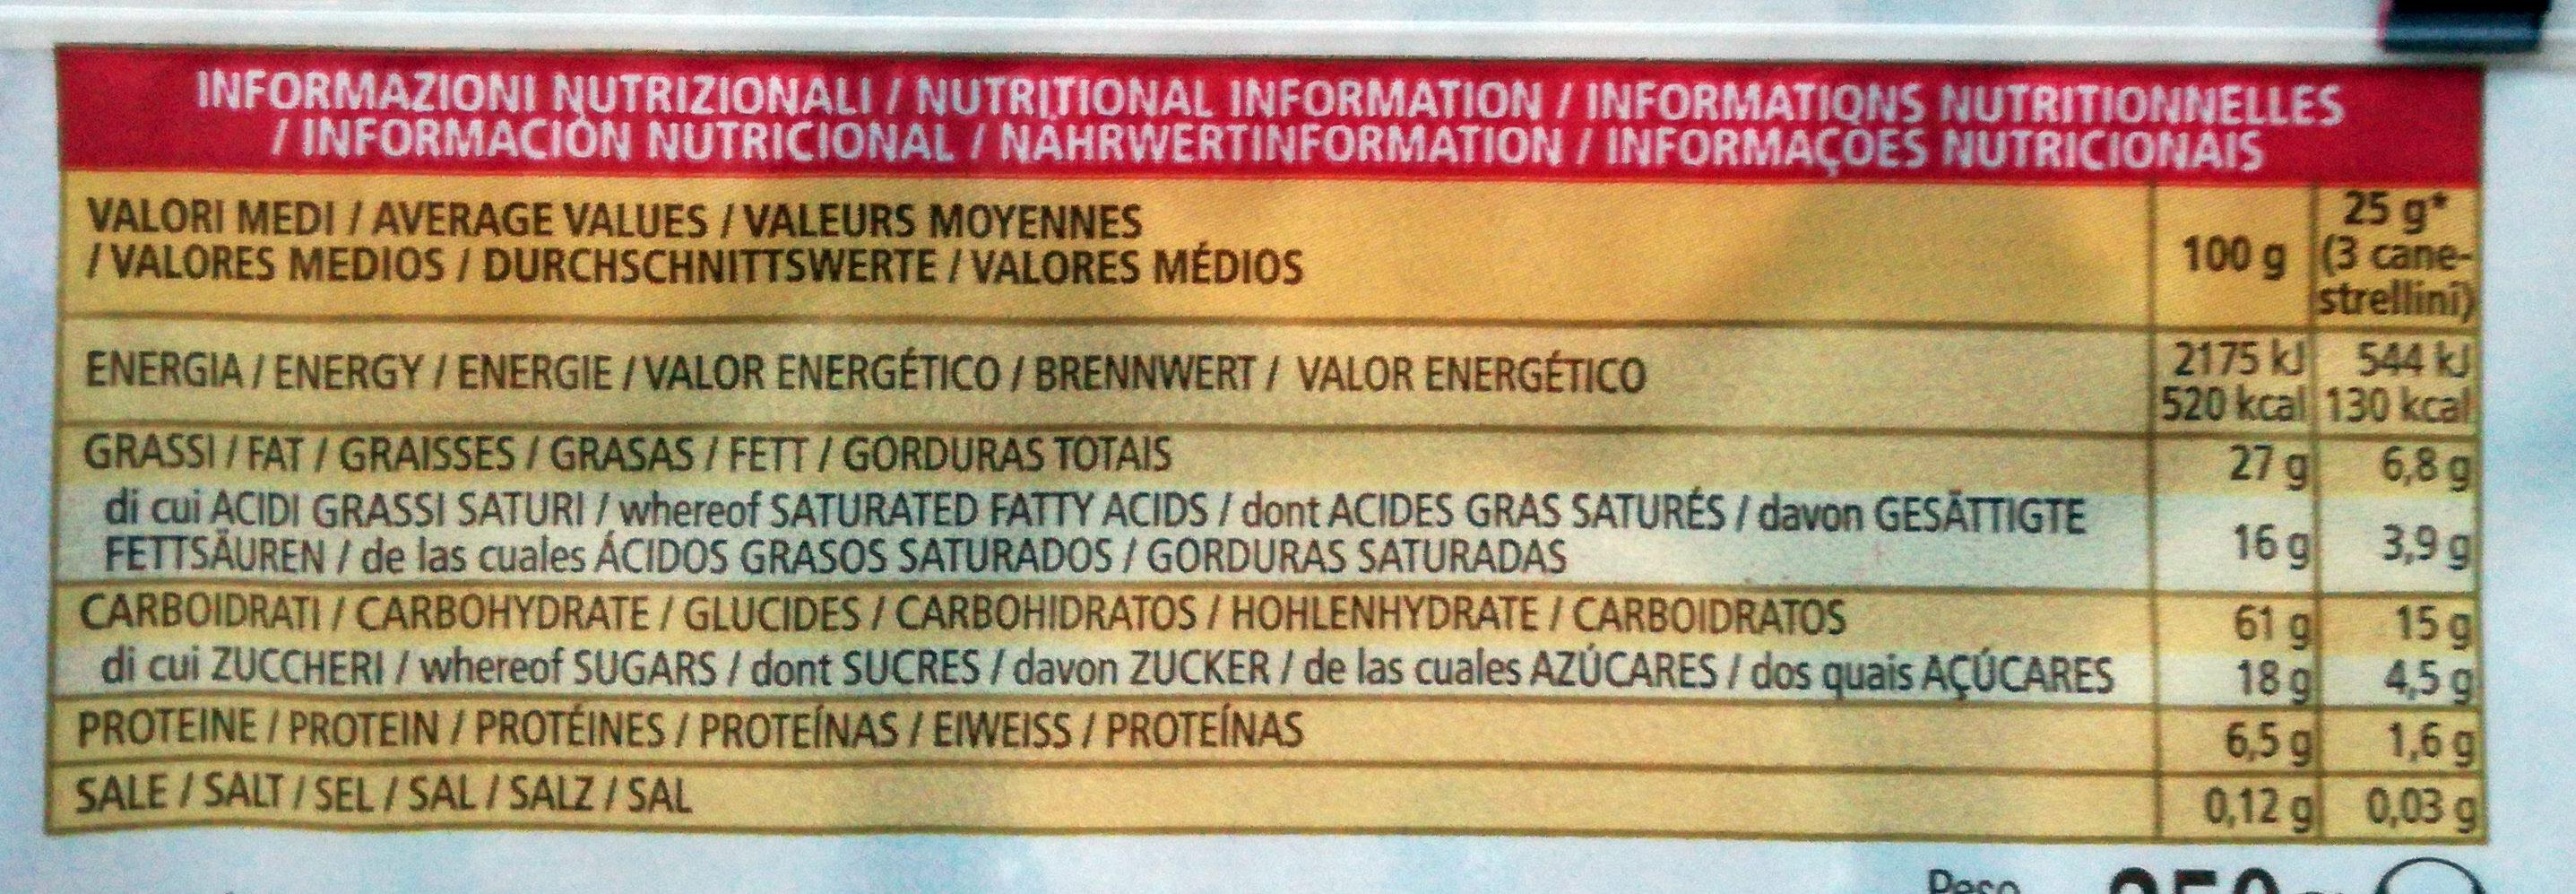 Canestrellini - Valori nutrizionali - it